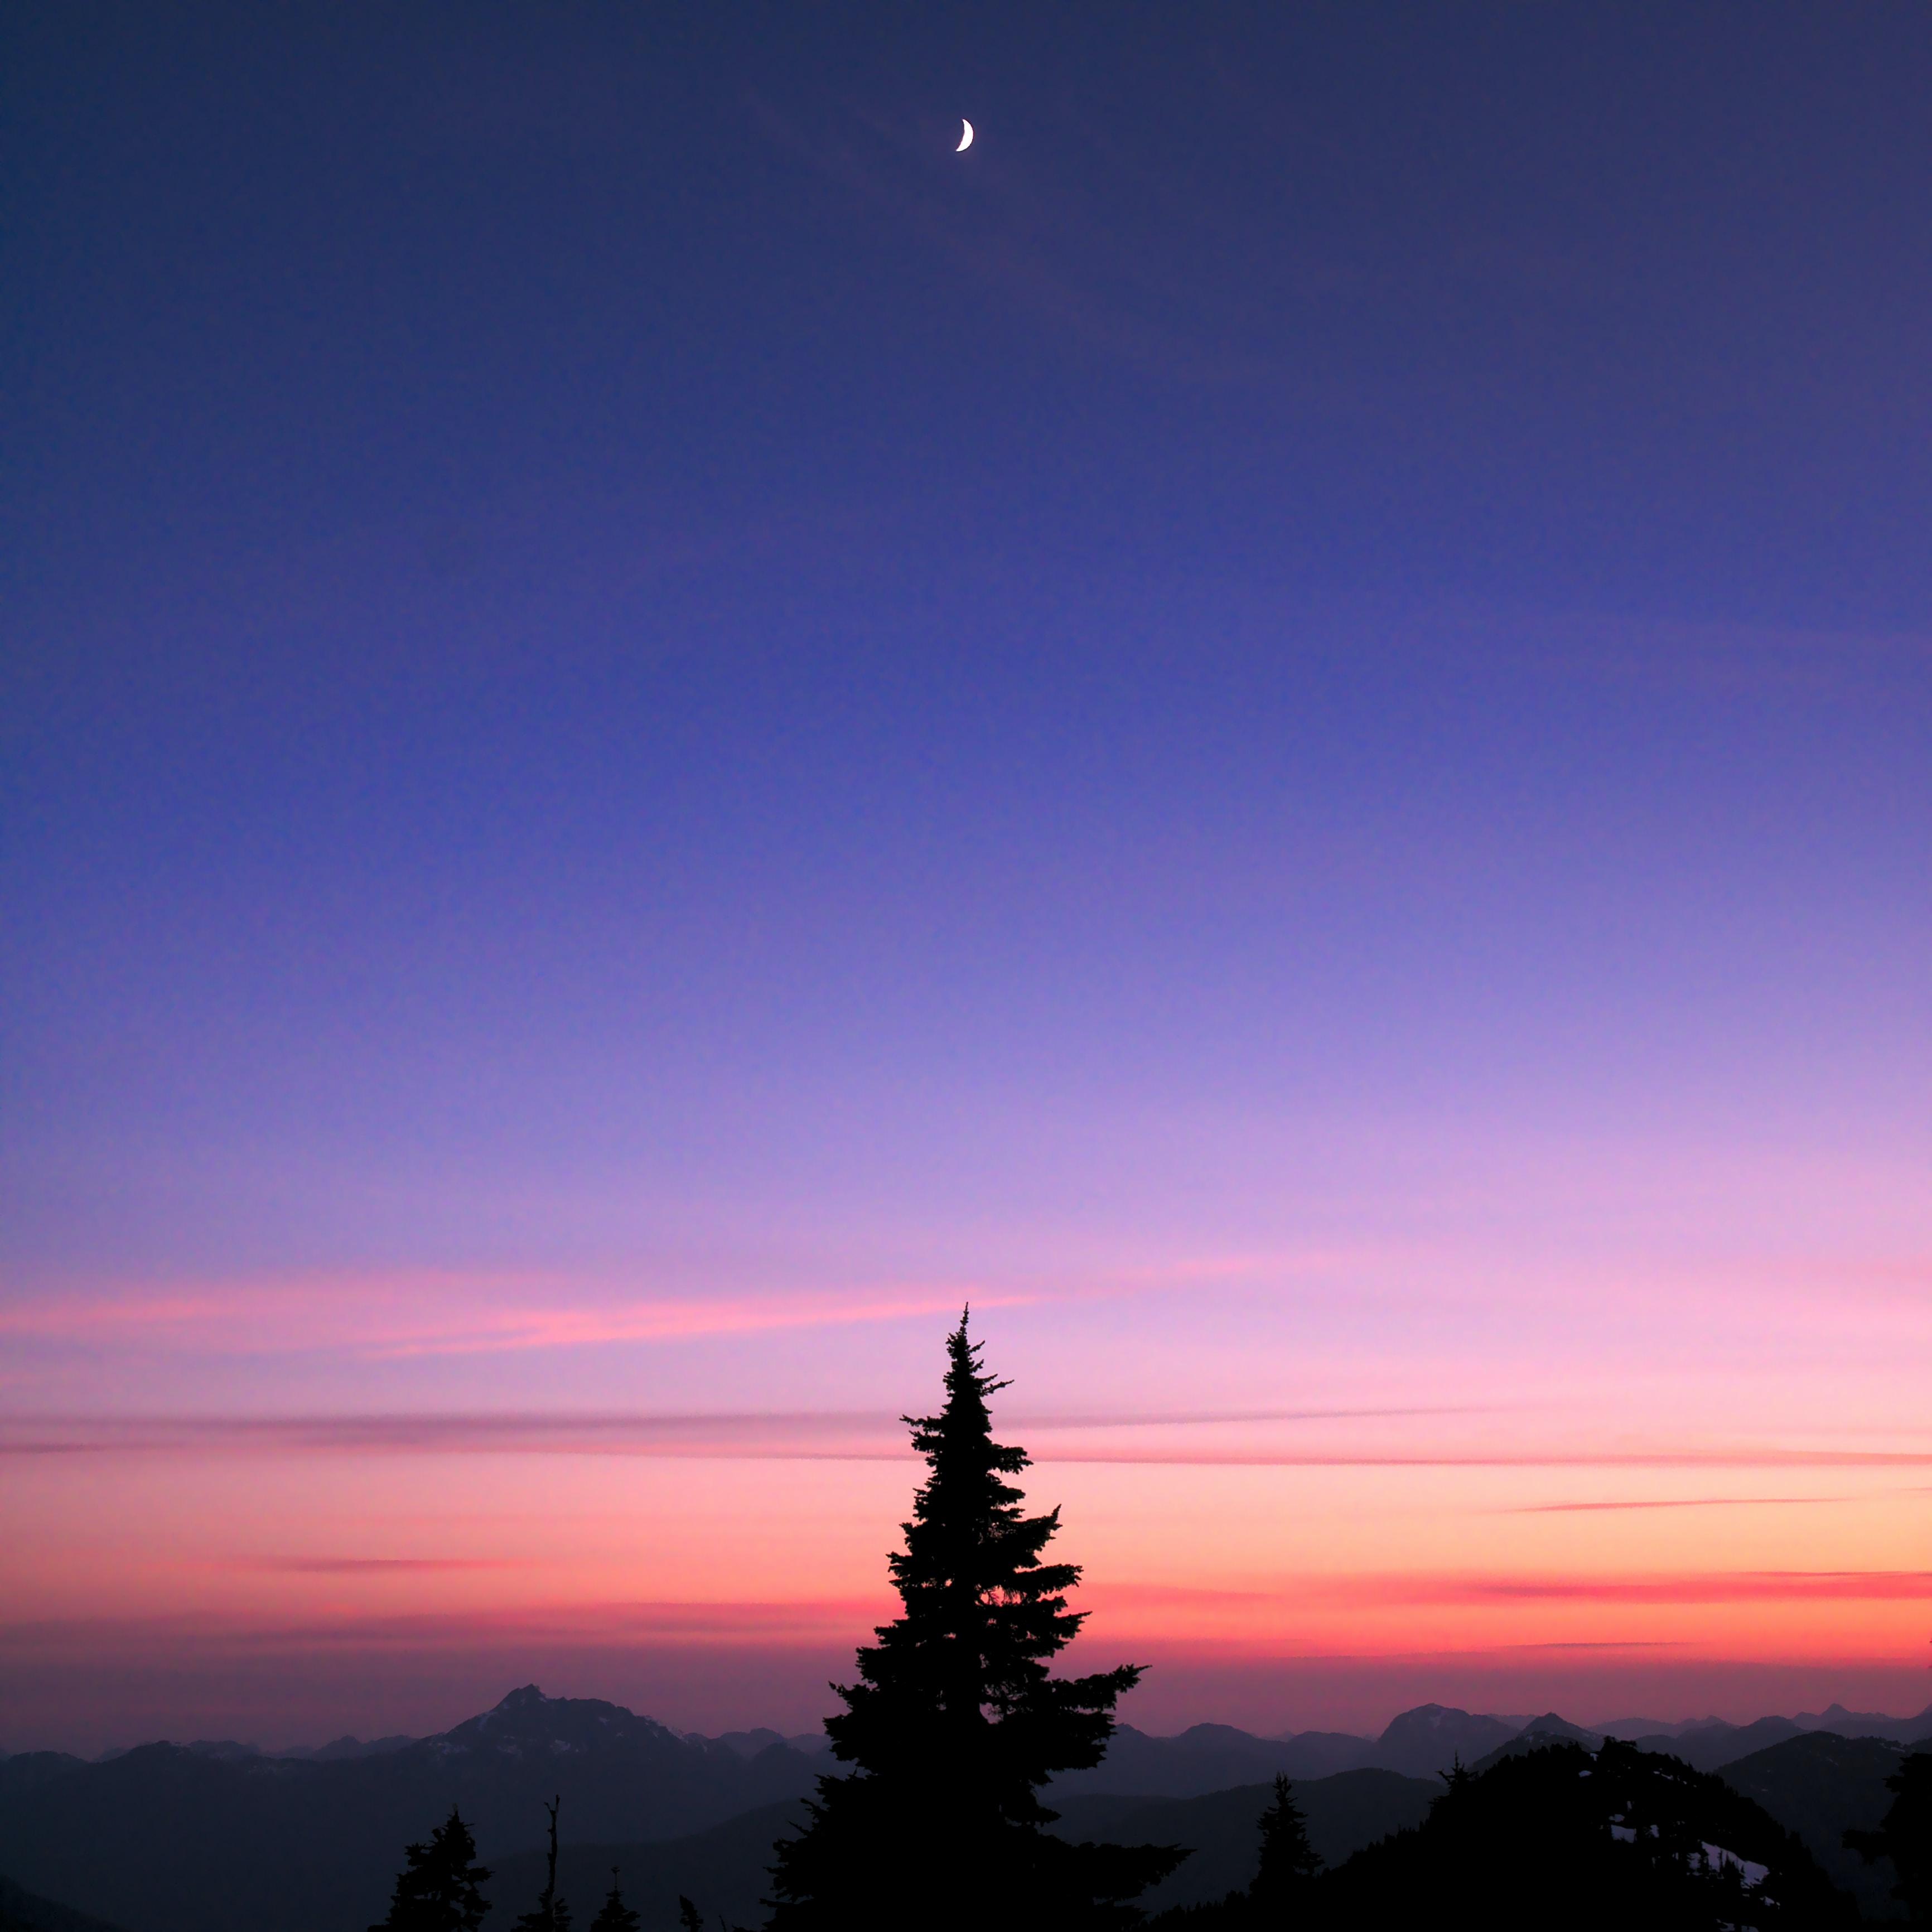 silhouette of tree near moon